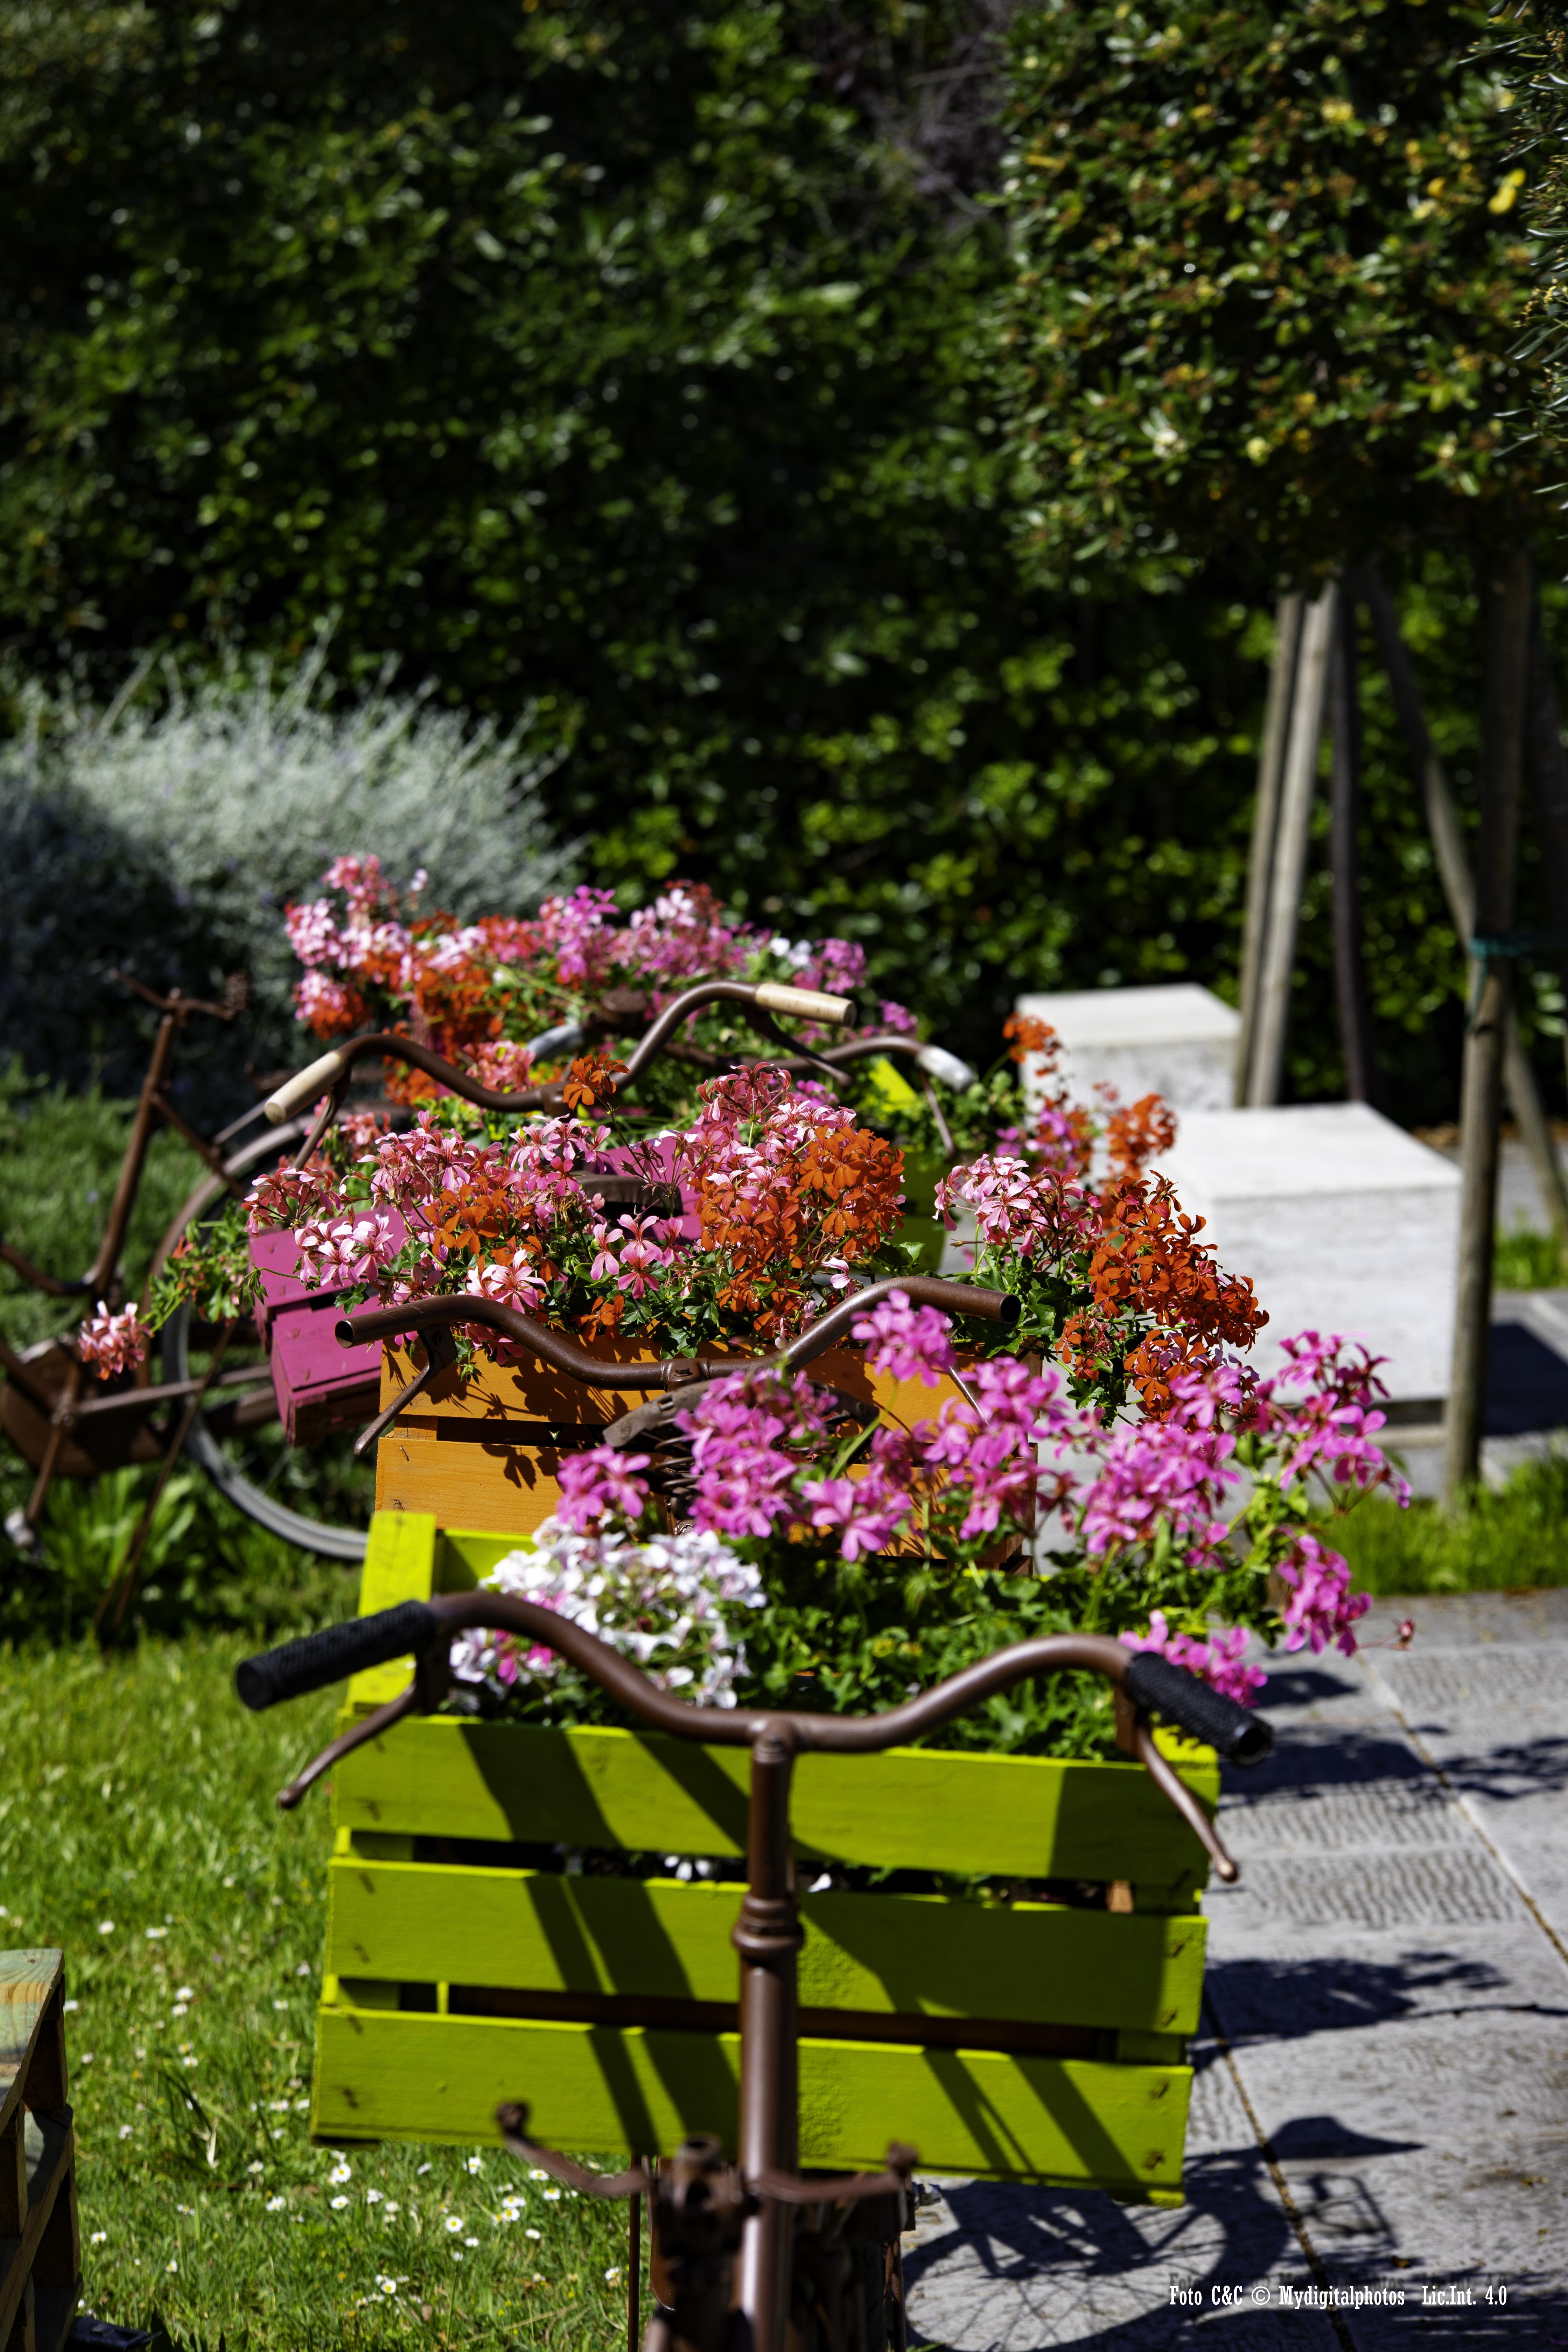 tirrenia urban bicicletta con fiori